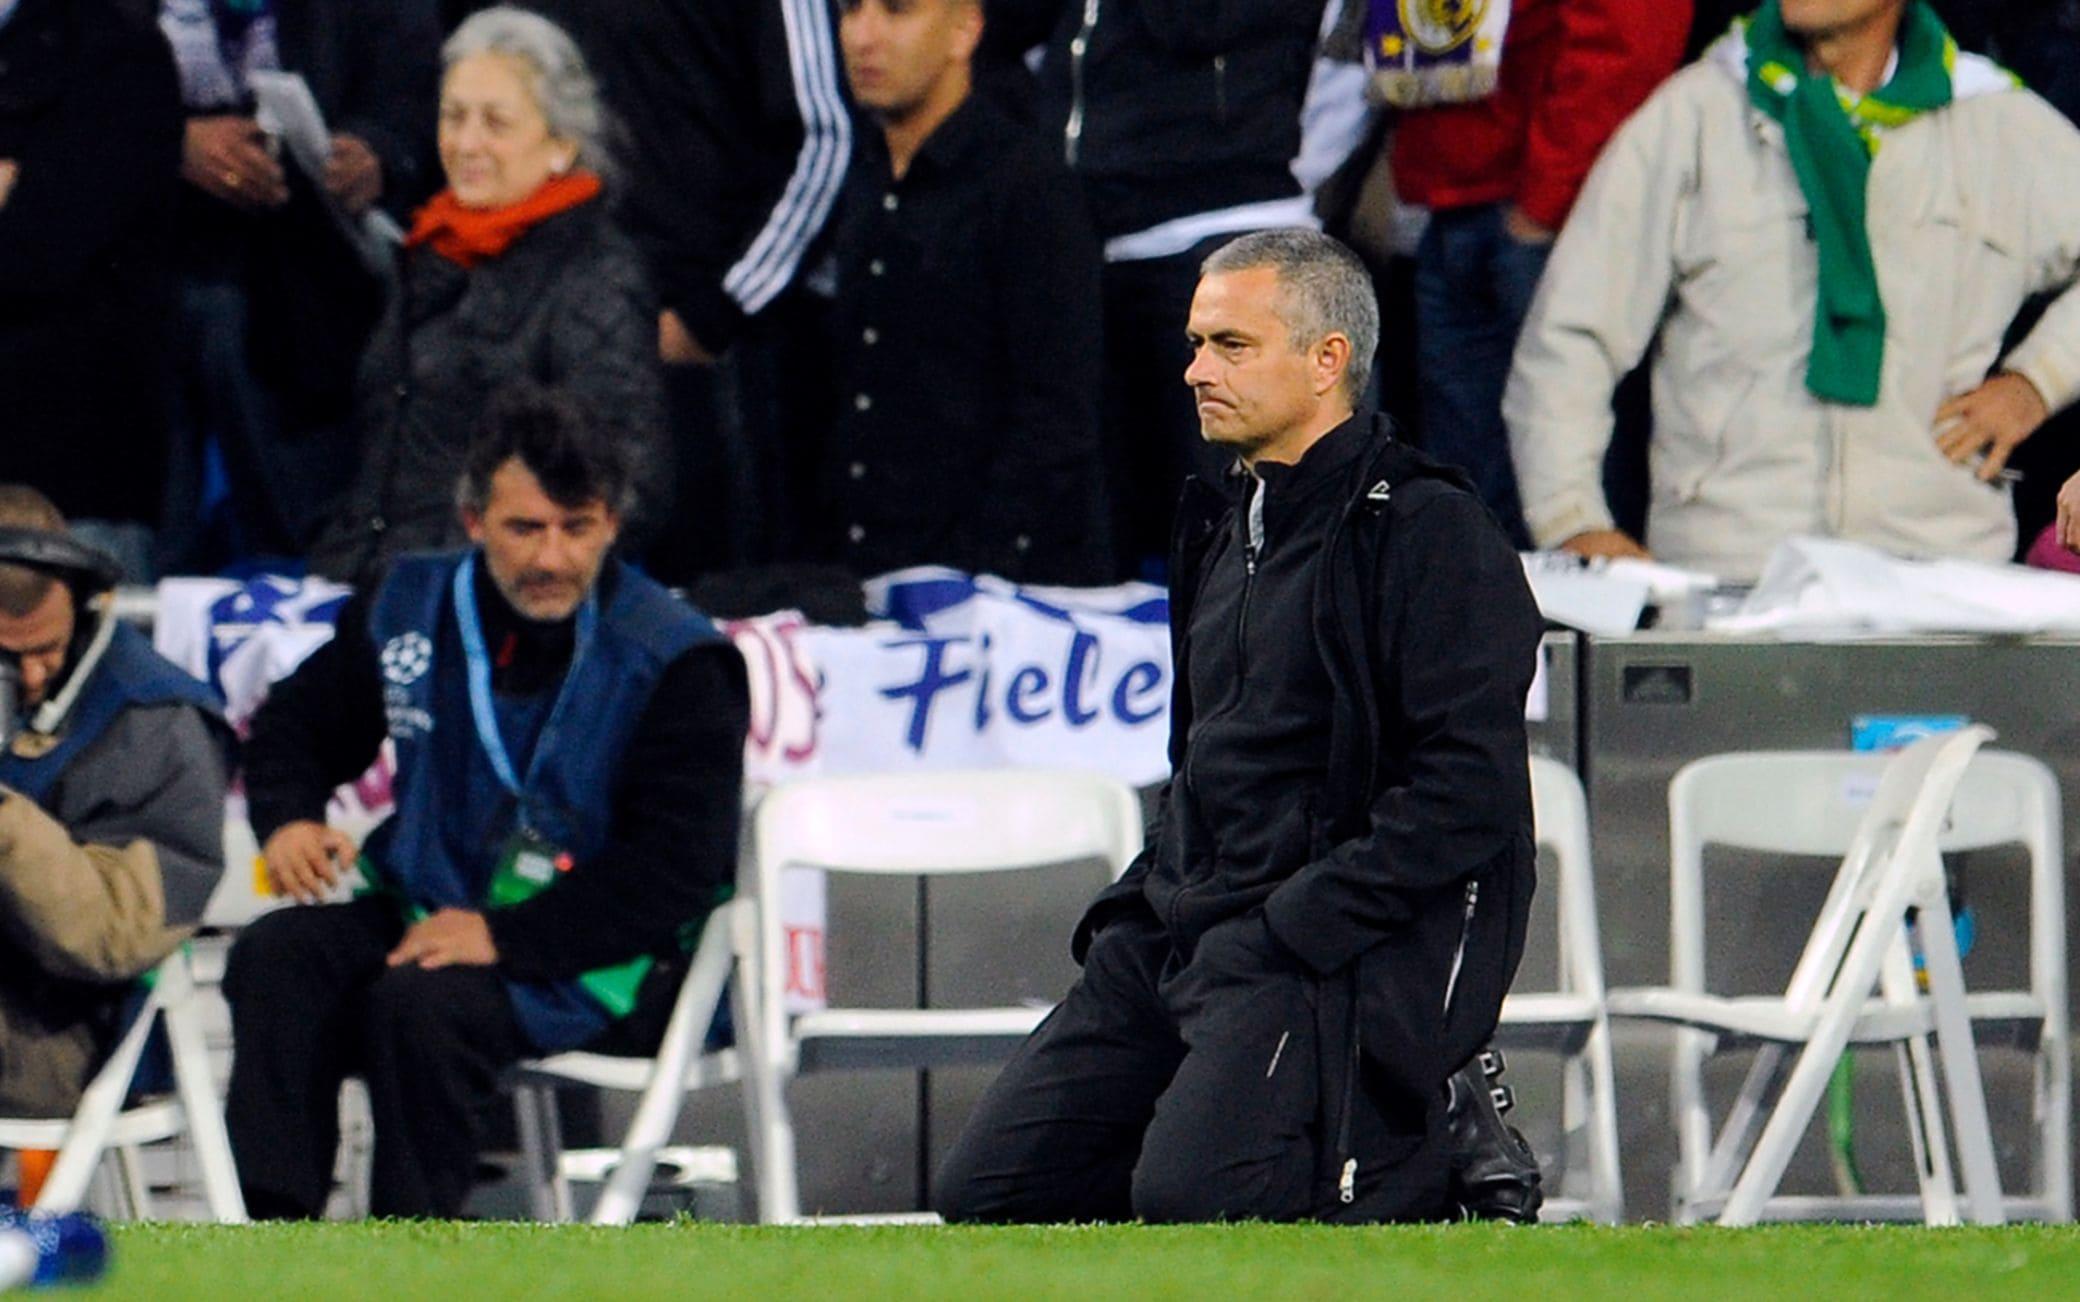 La disperazione per l'eliminazione nella semifinale di Champions del 2012